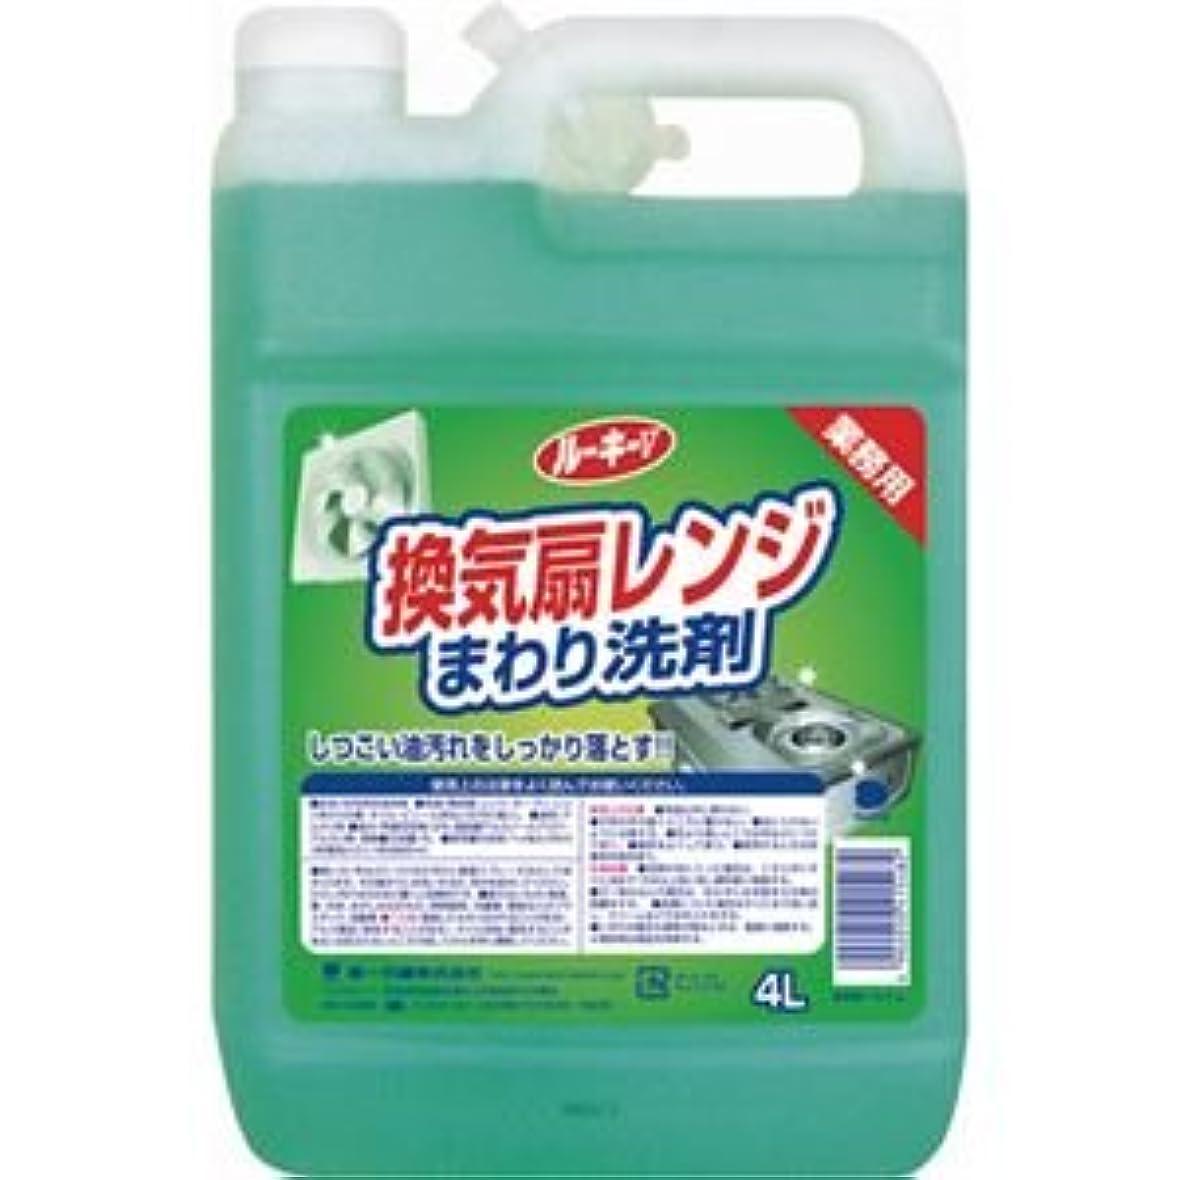 パドル容器下向き(まとめ) 第一石鹸 ルーキー 換気扇レンジクリーナー 業務用 4L 1本 【×5セット】